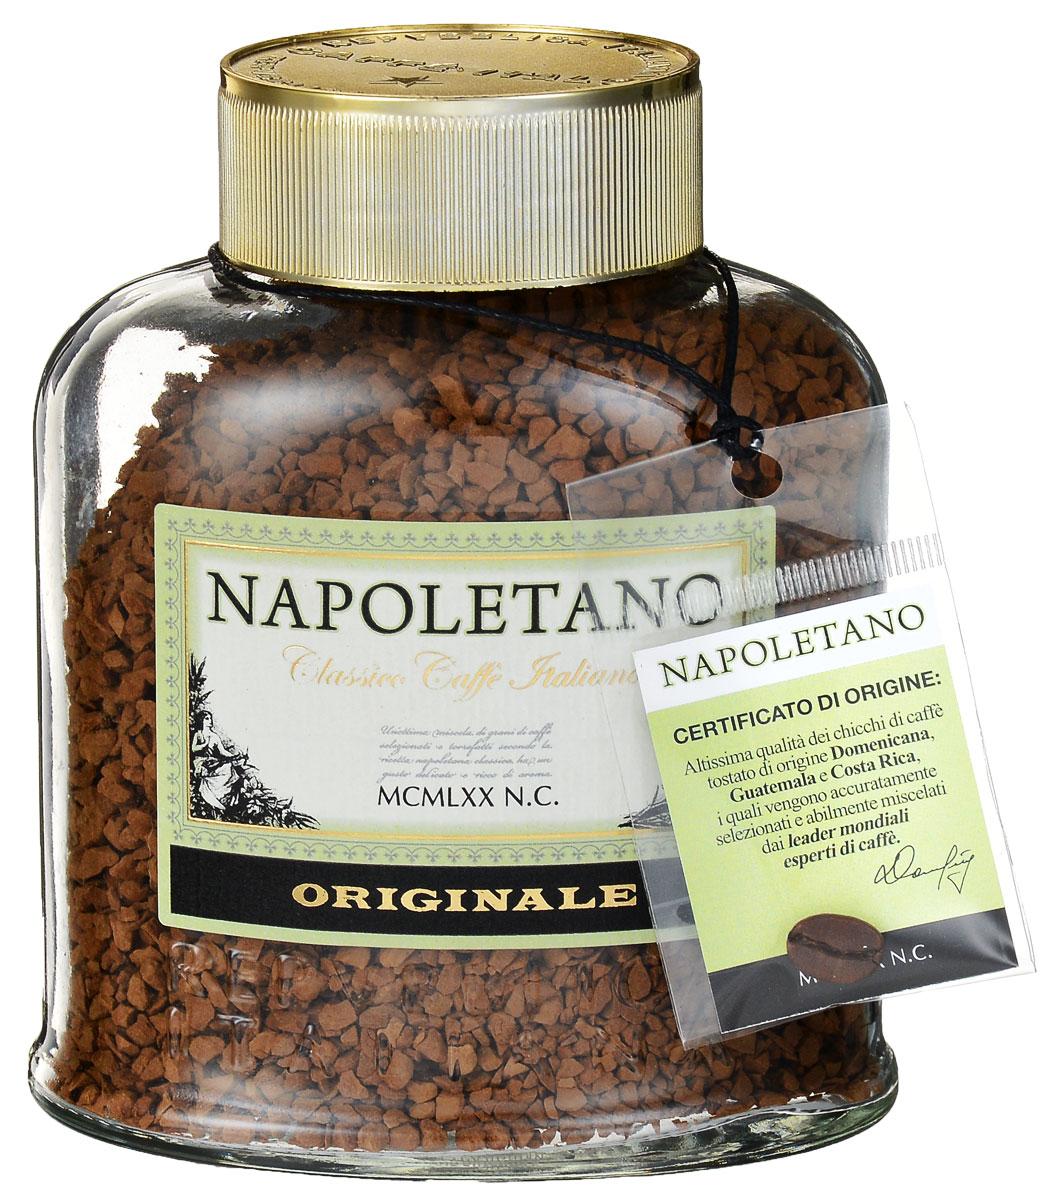 Napoletano Originale кофе растворимый, 100 г senator barista кофе растворимый 100 г